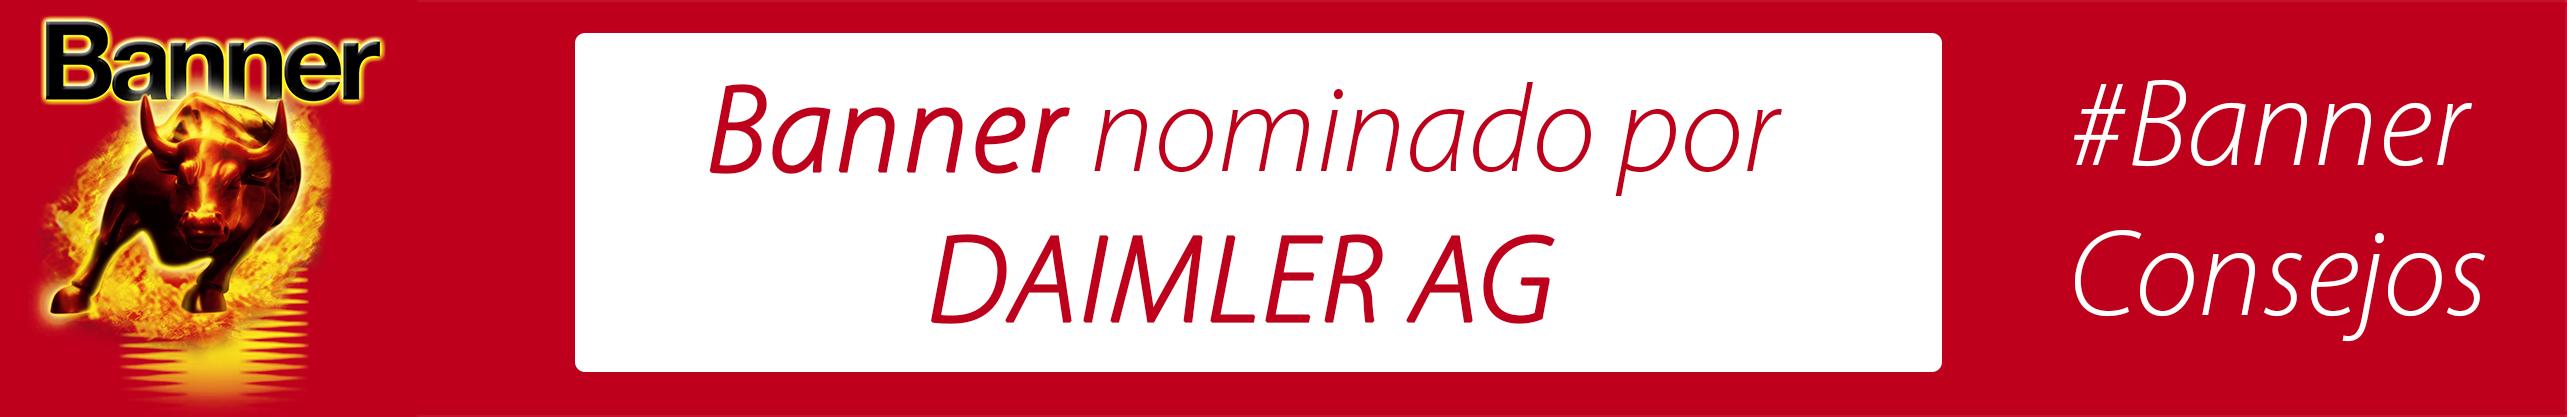 Banner nominado por DAIMLER AG